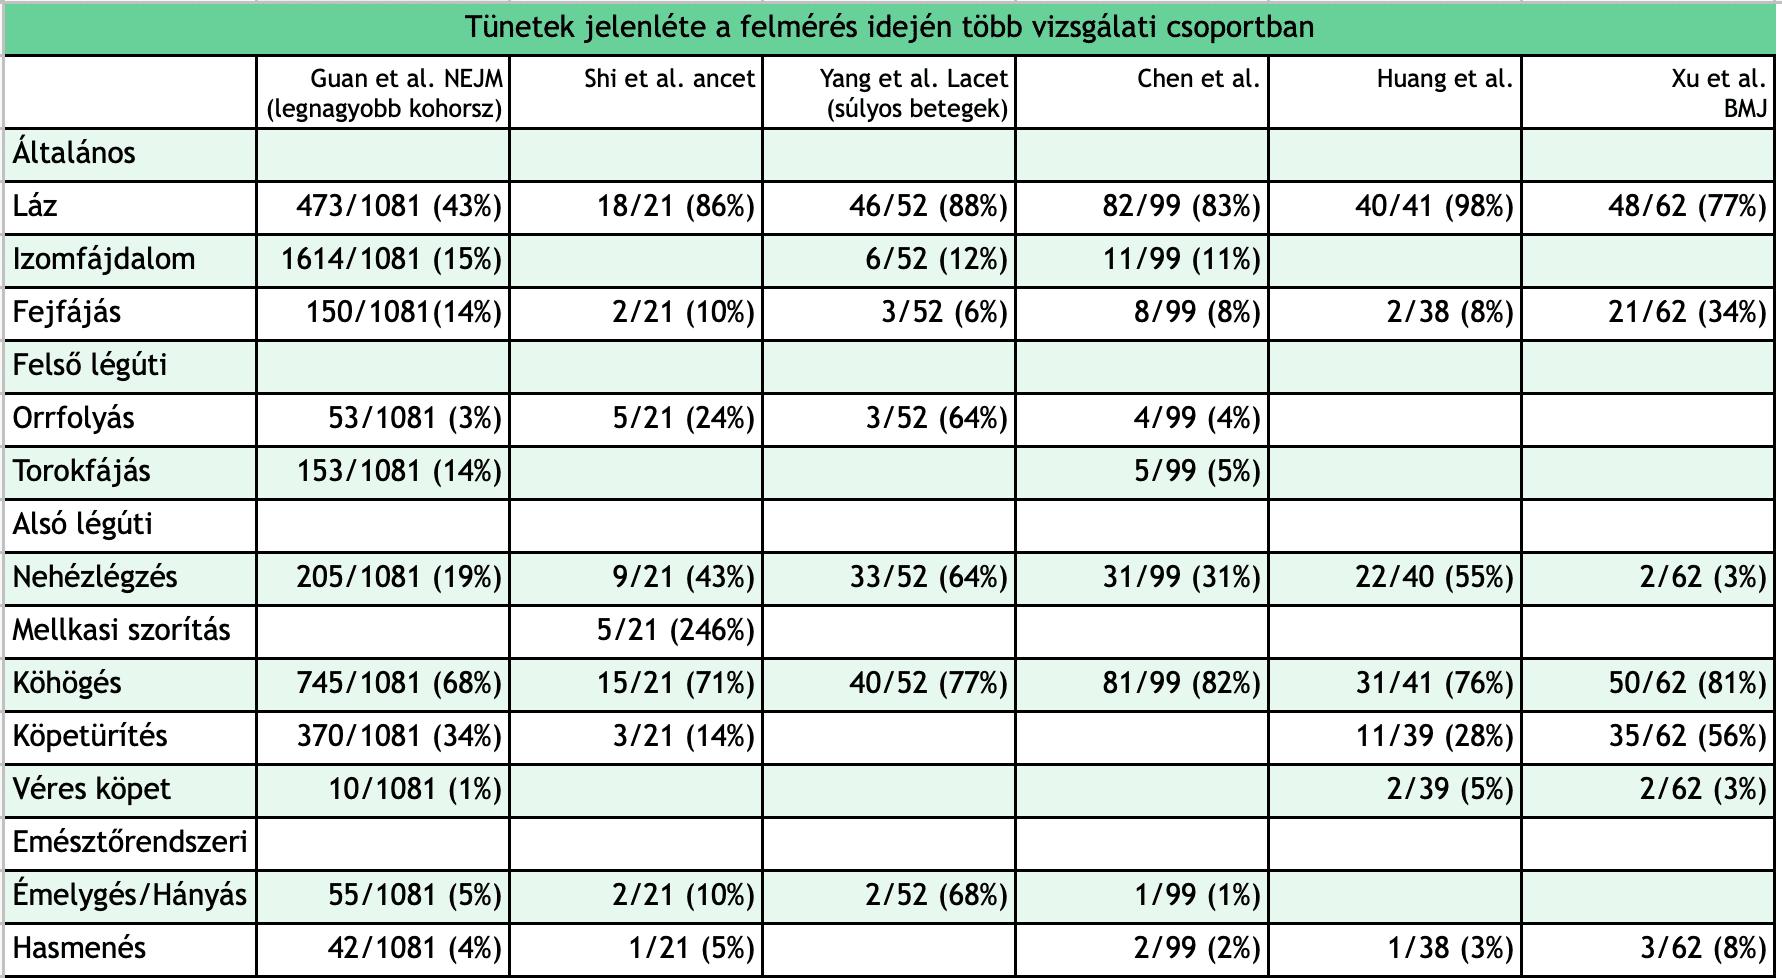 kardiopulmonáris hipertónia magas vérnyomás elleni gyógyszerek és azok kombinációja